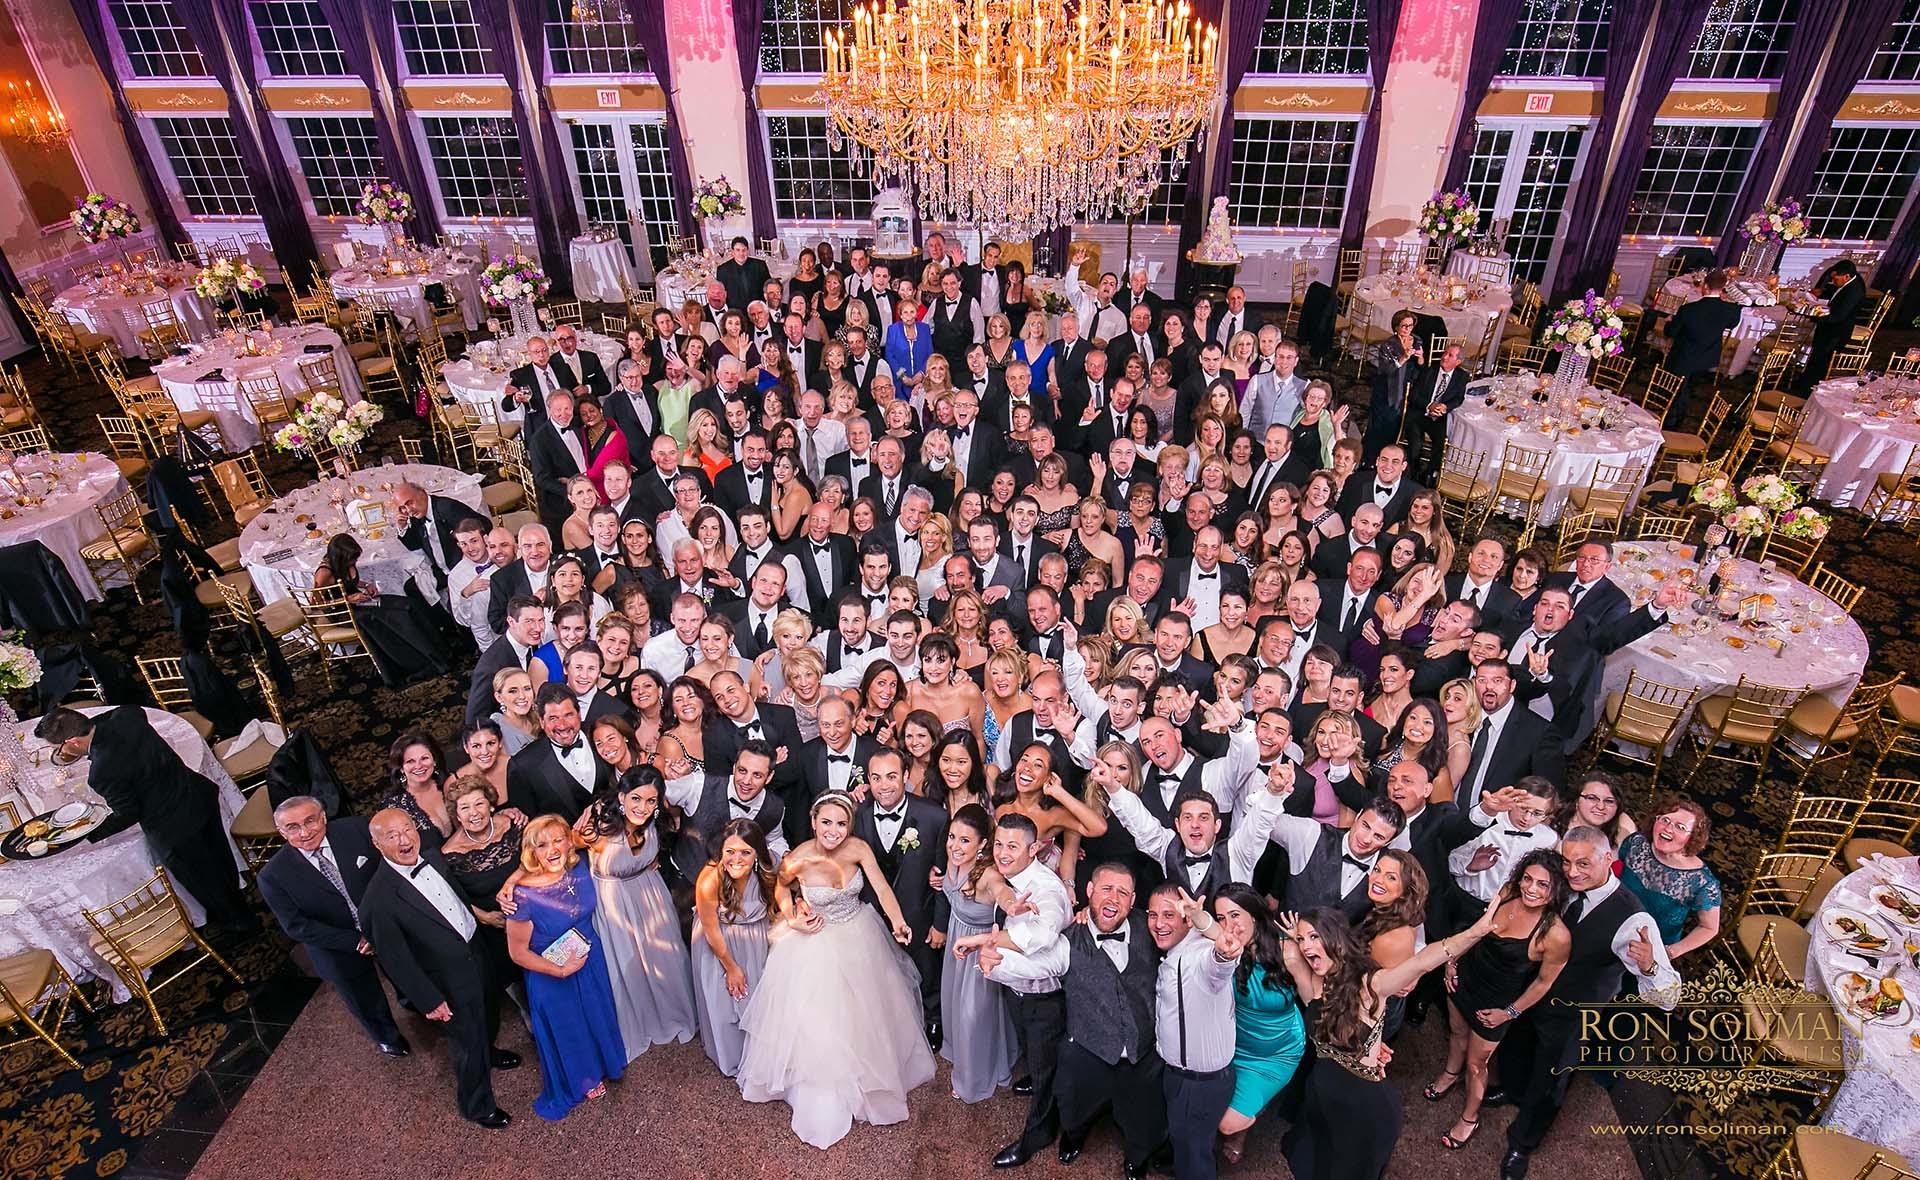 FLORENTINE GARDENS WEDDING photos